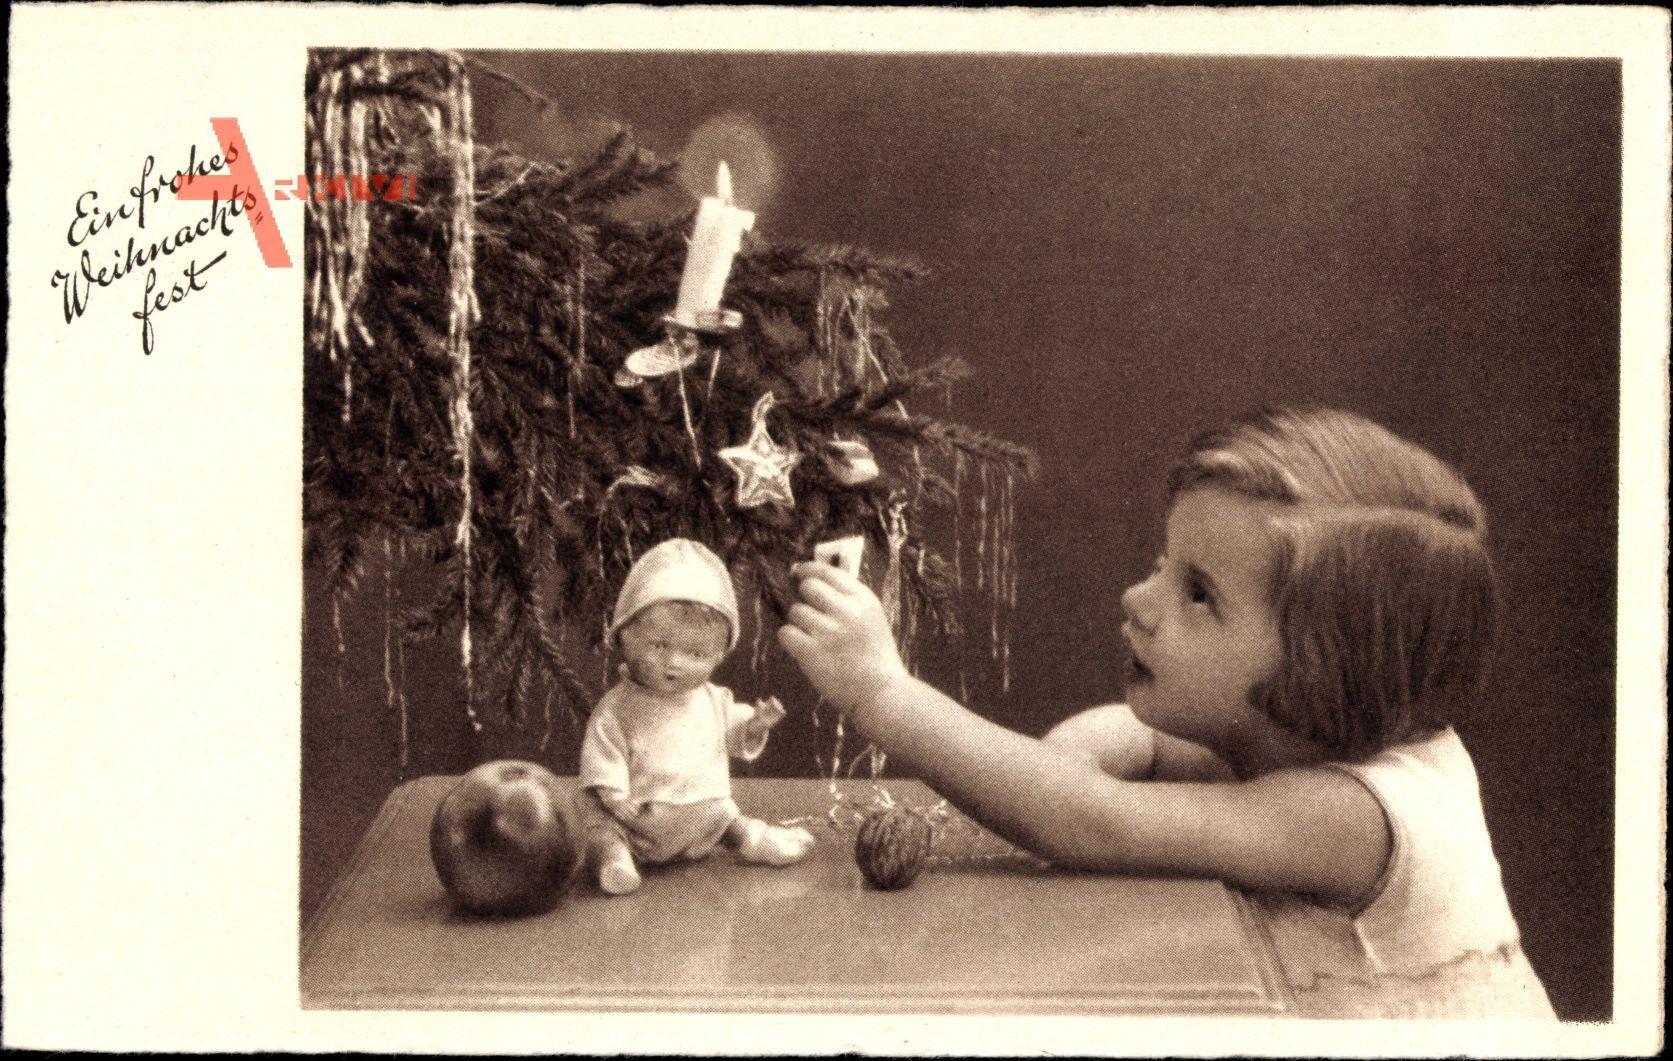 Frohe Weihnachten, Mädchen, Puppe, Tannenzweig, Kerze